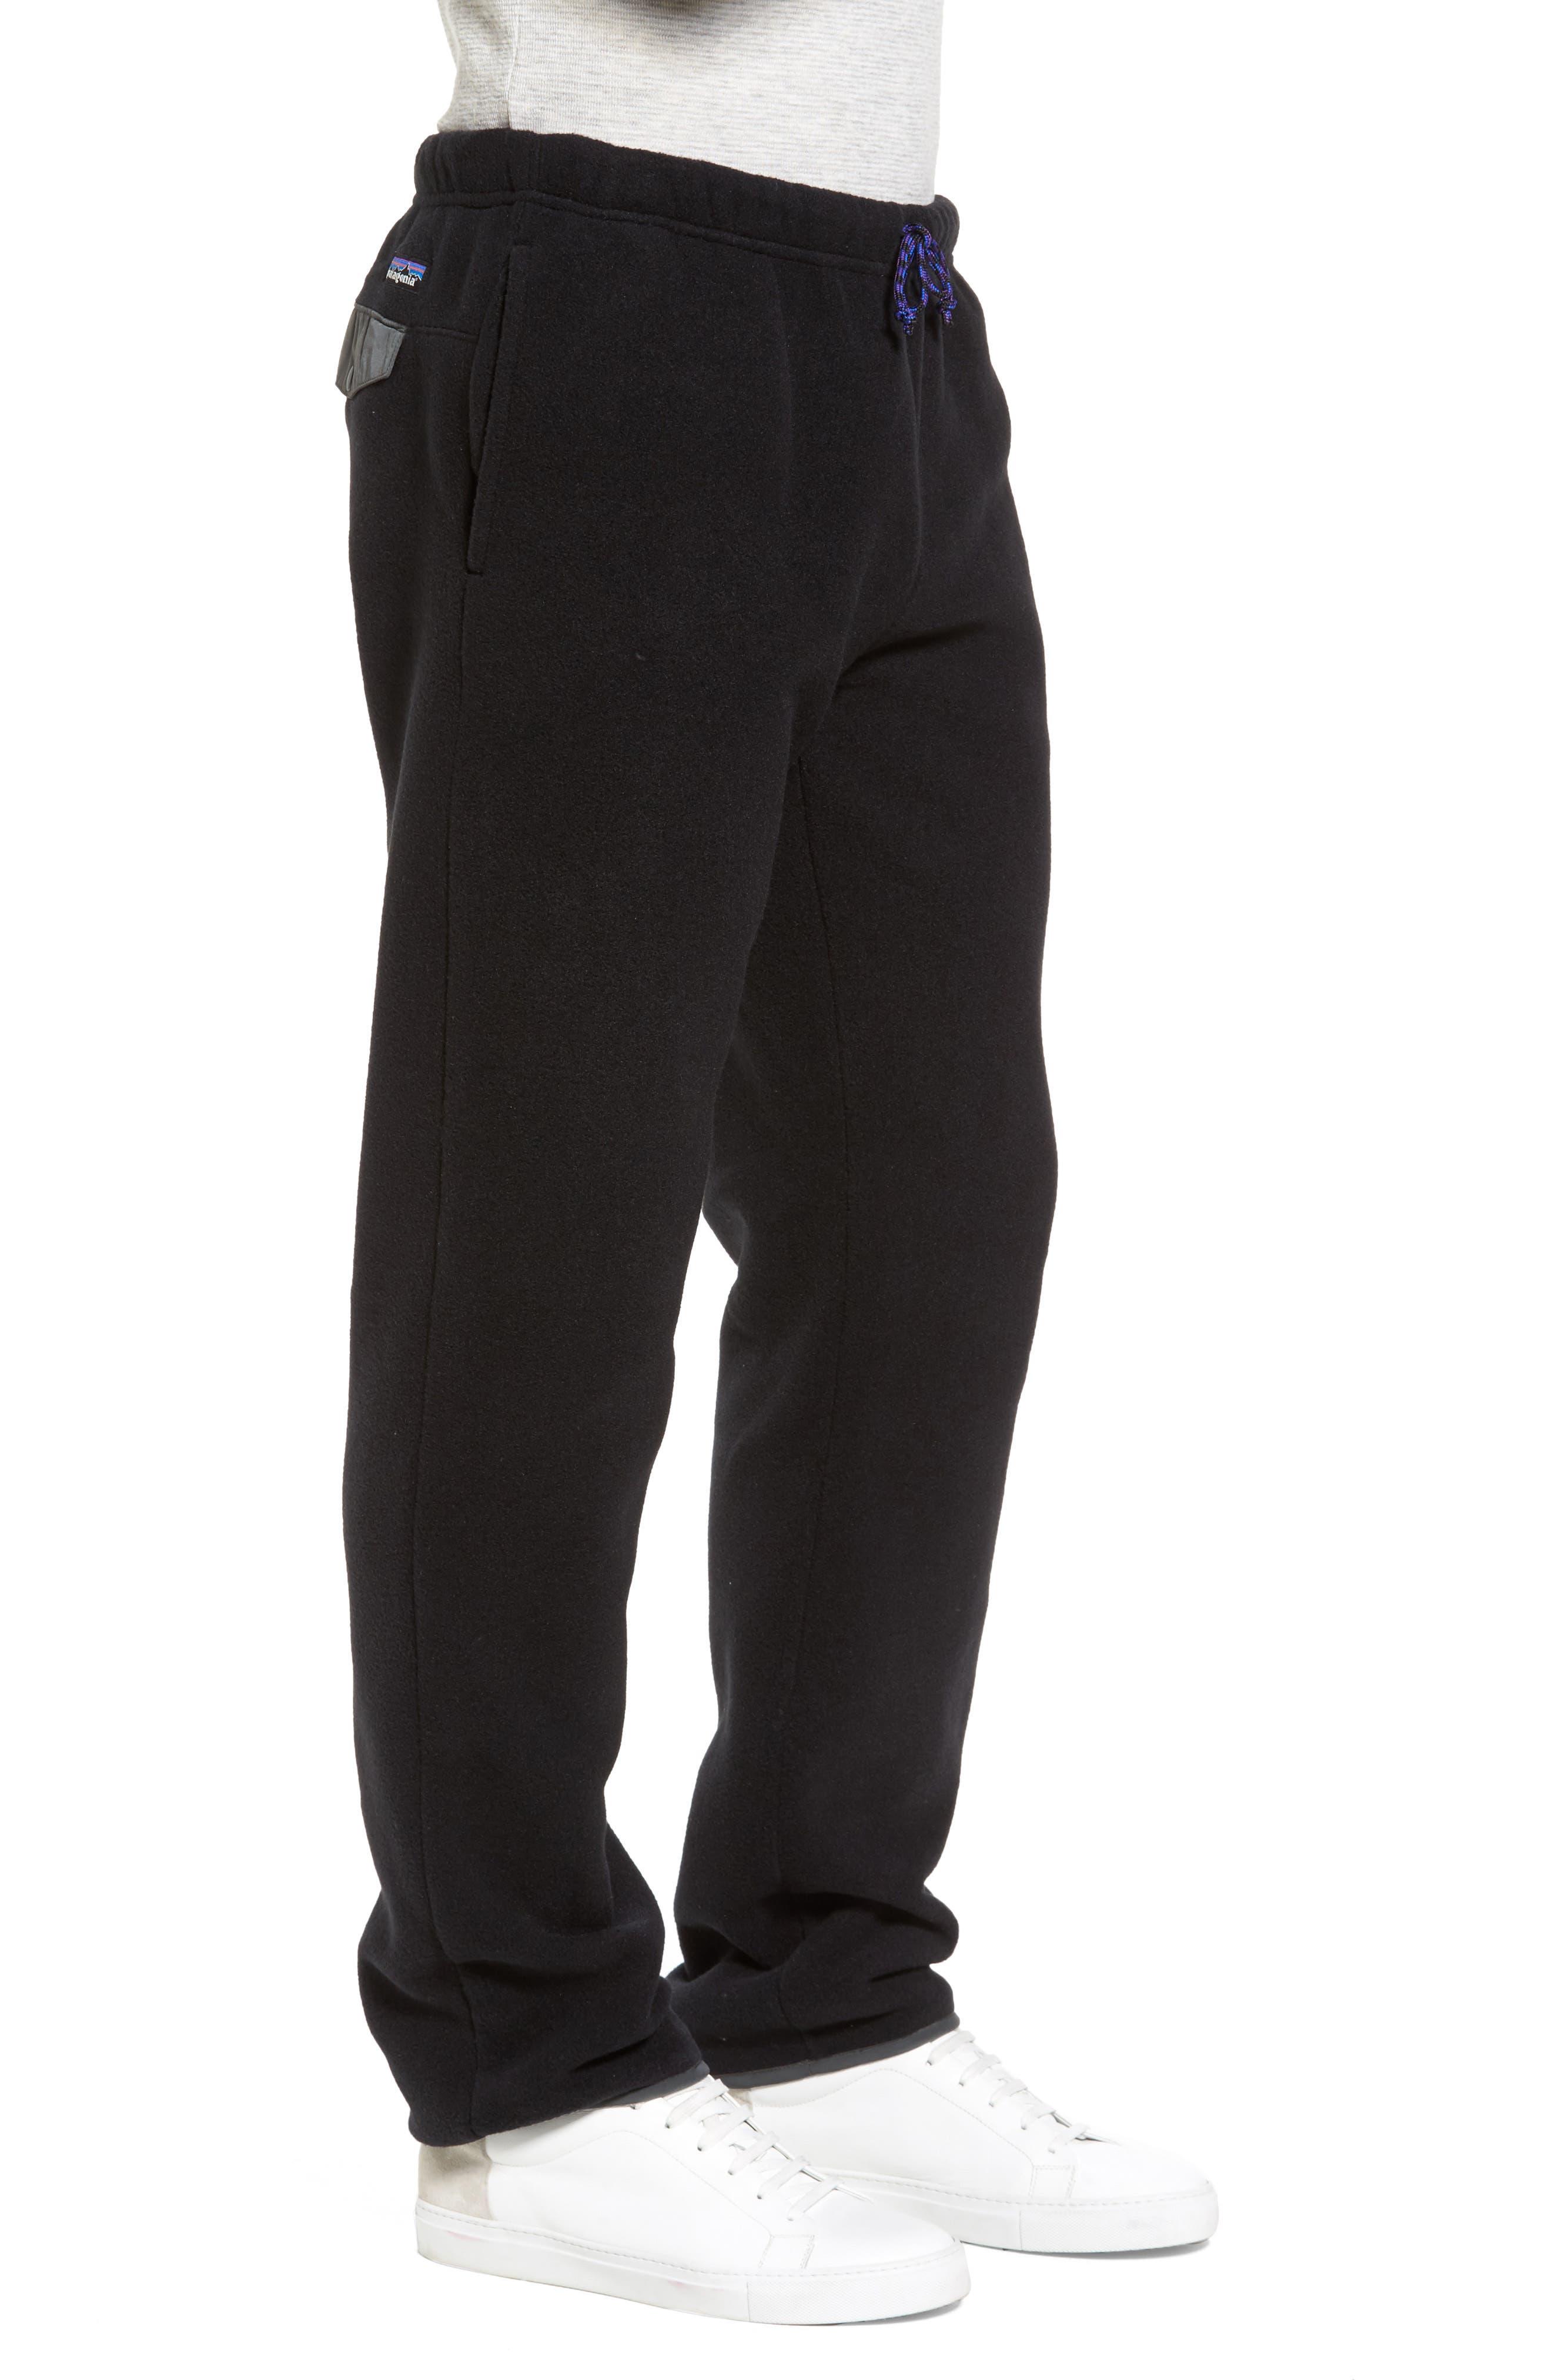 Synchilla<sup>®</sup> Fleece Pants,                             Alternate thumbnail 3, color,                             001